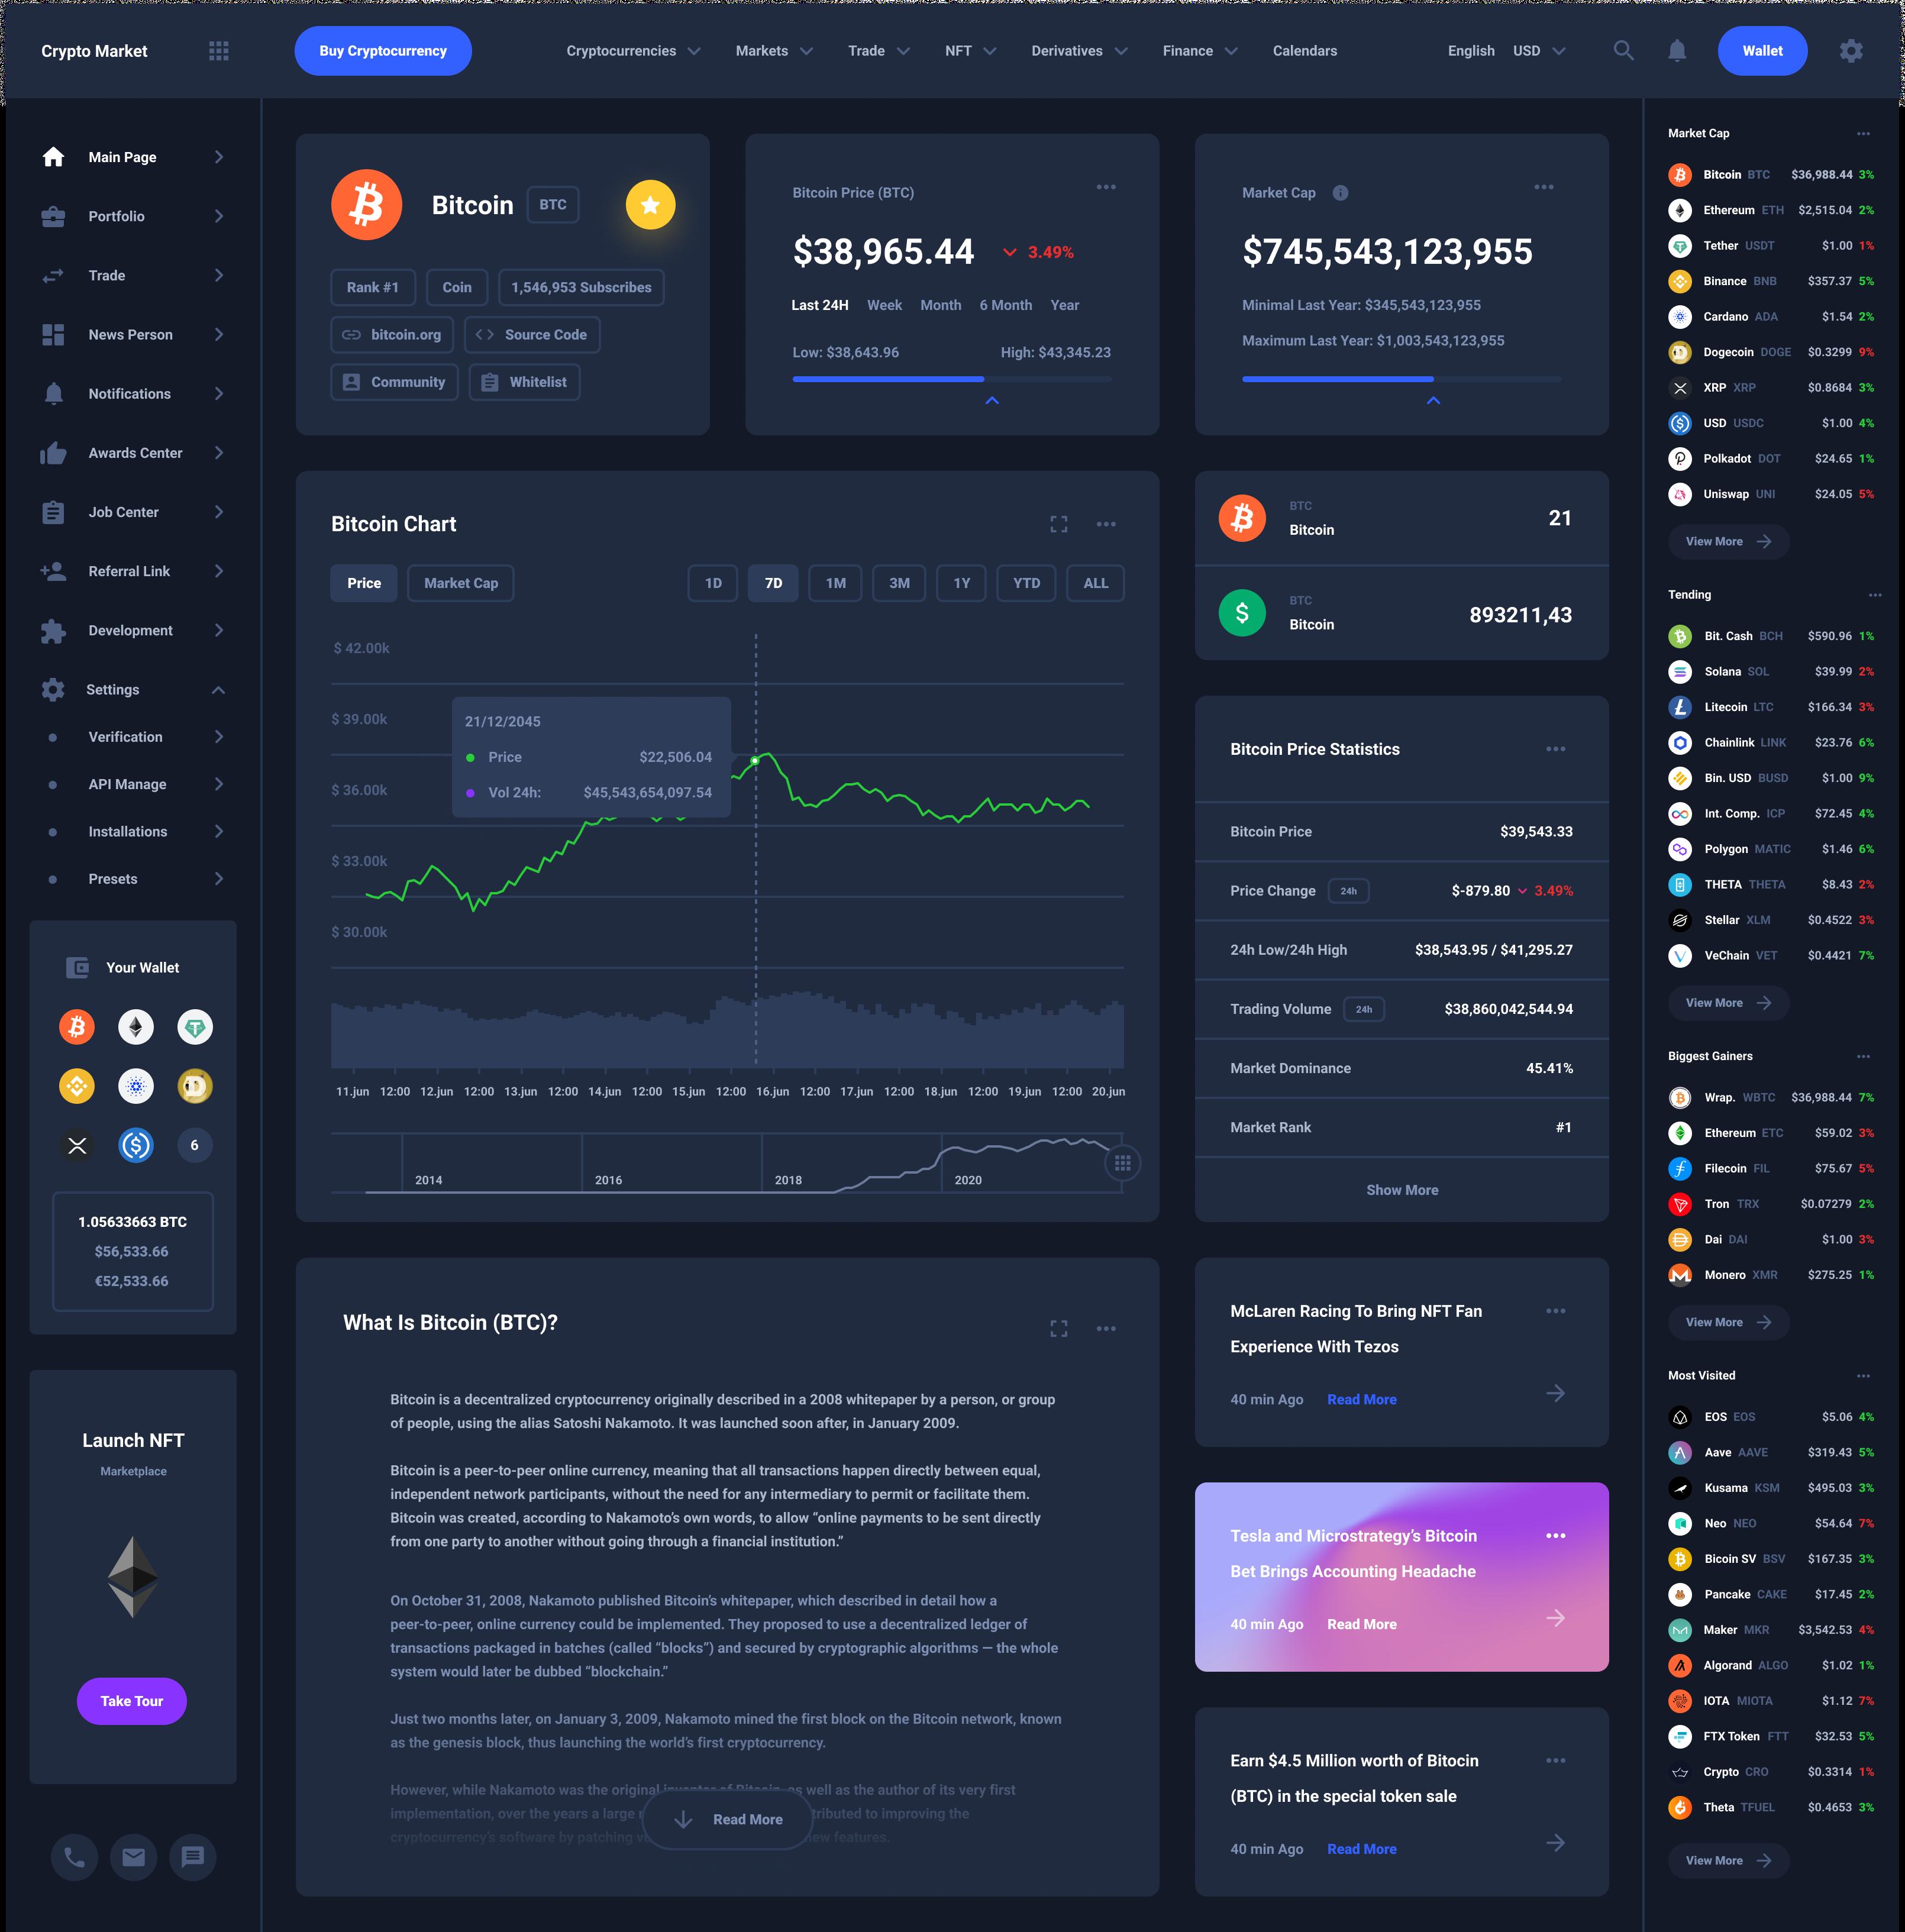 Crypto One Profile Download Tempalte